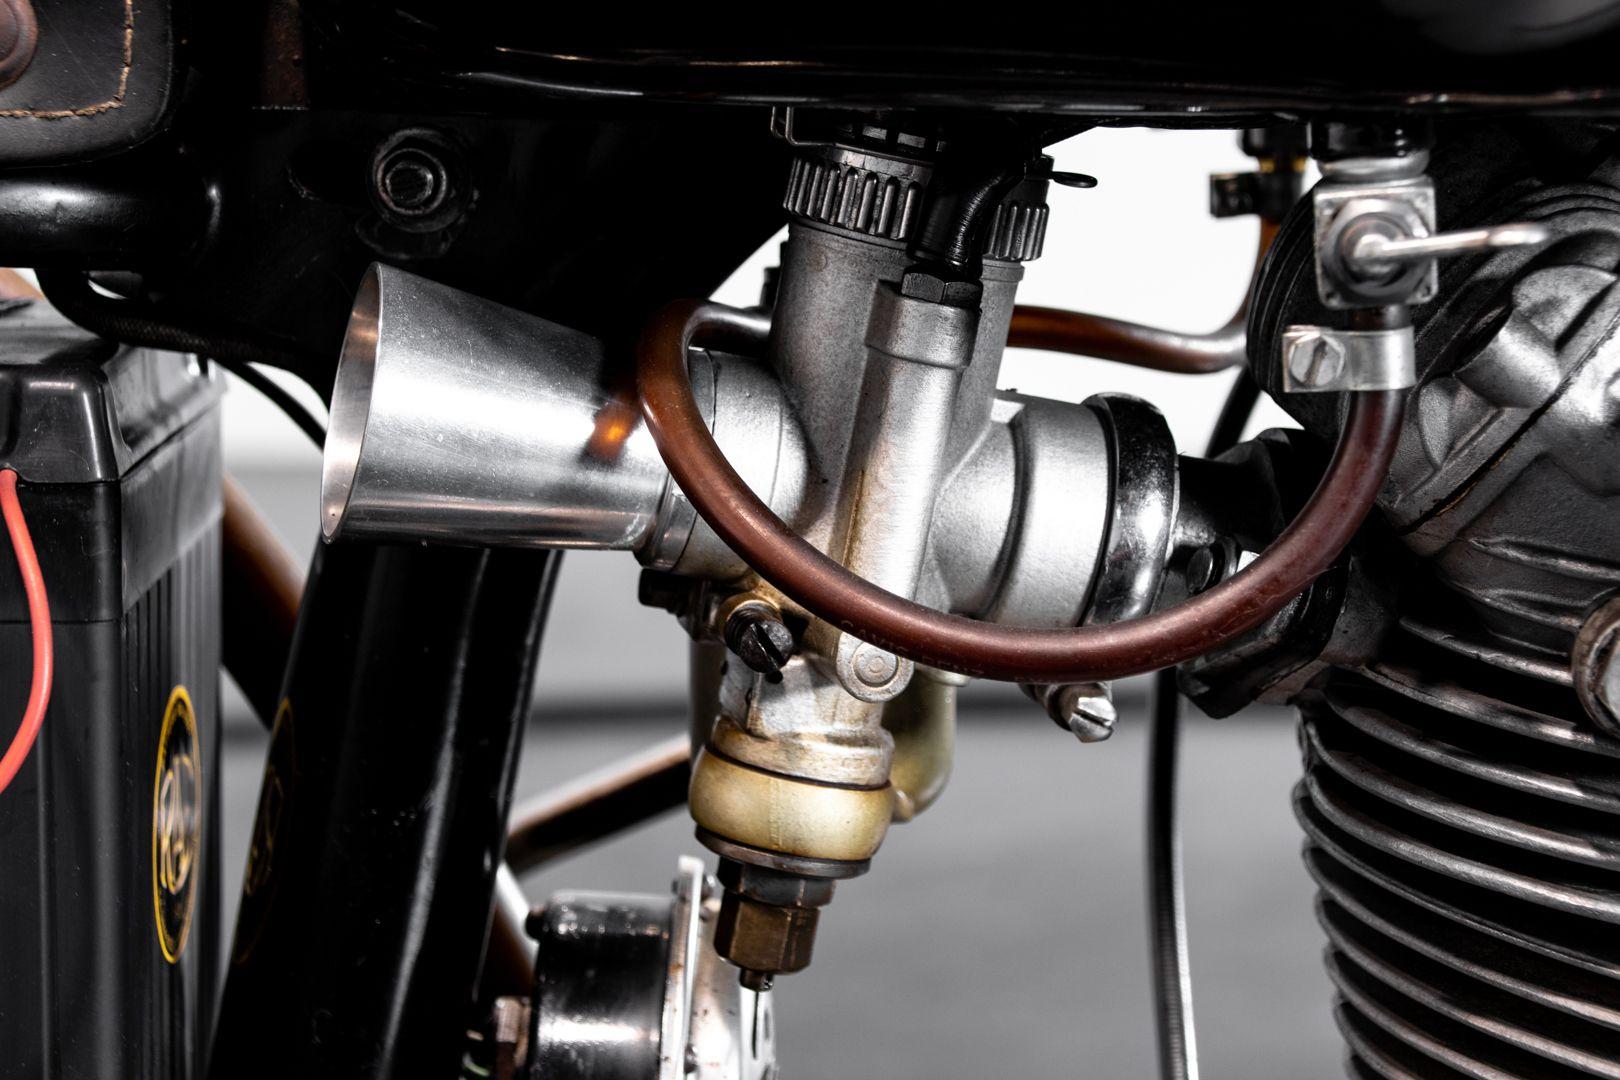 1969 DUCATI MECCANICA 250 GT 69000